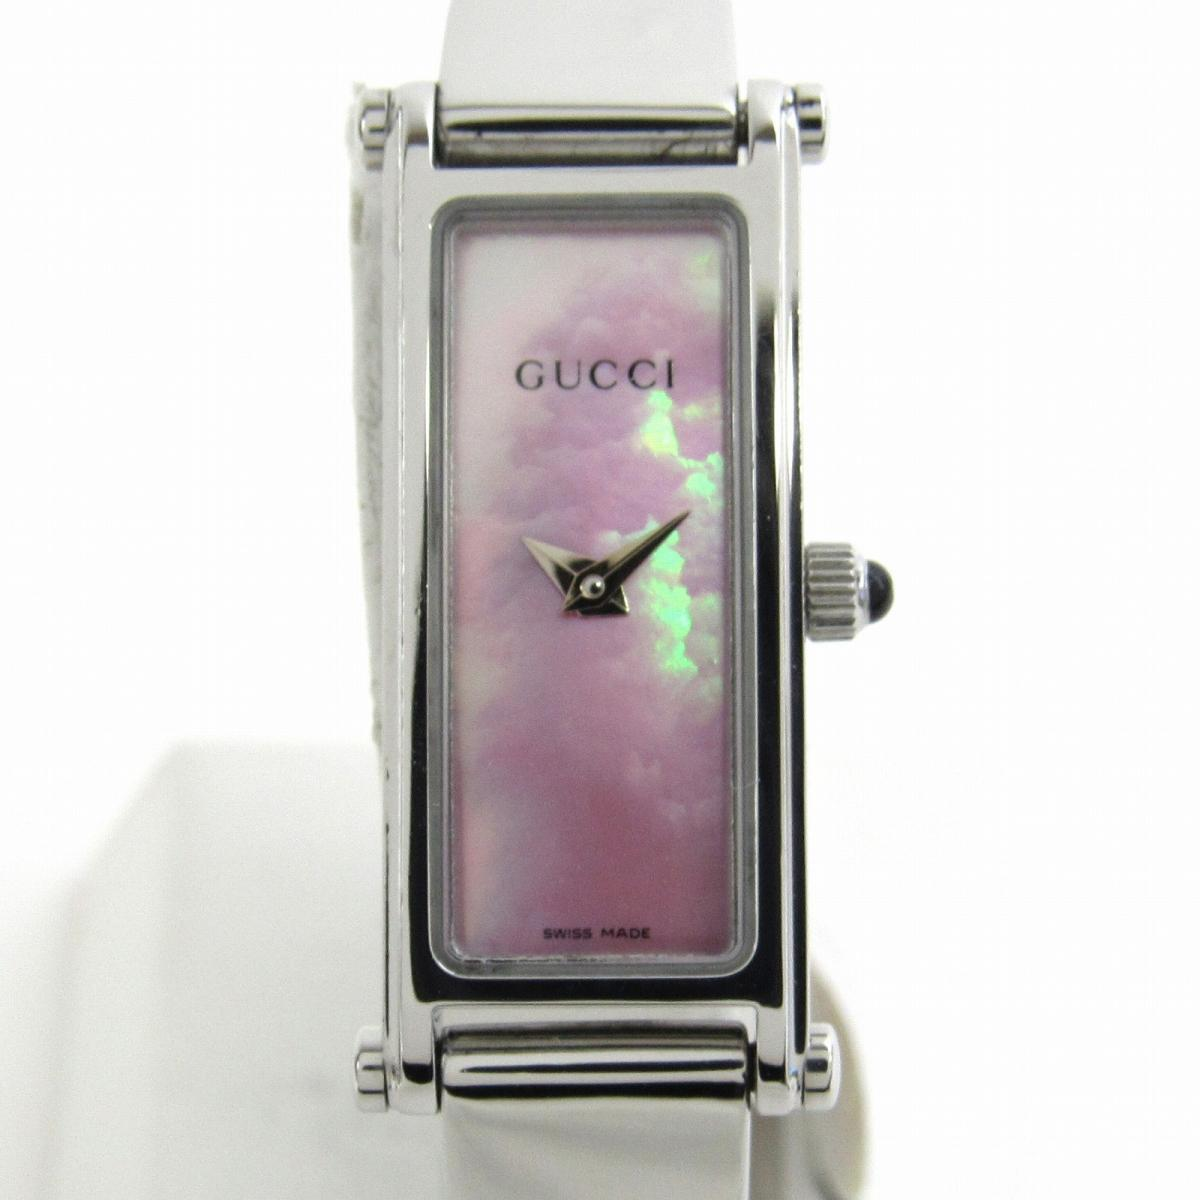 【中古】 グッチ ウォッチ 腕時計 レディース ステンレススチール (SS) (1500L) | GUCCI クオーツ クォーツ 時計 時計 美品 ブランドオフ BRANDOFF